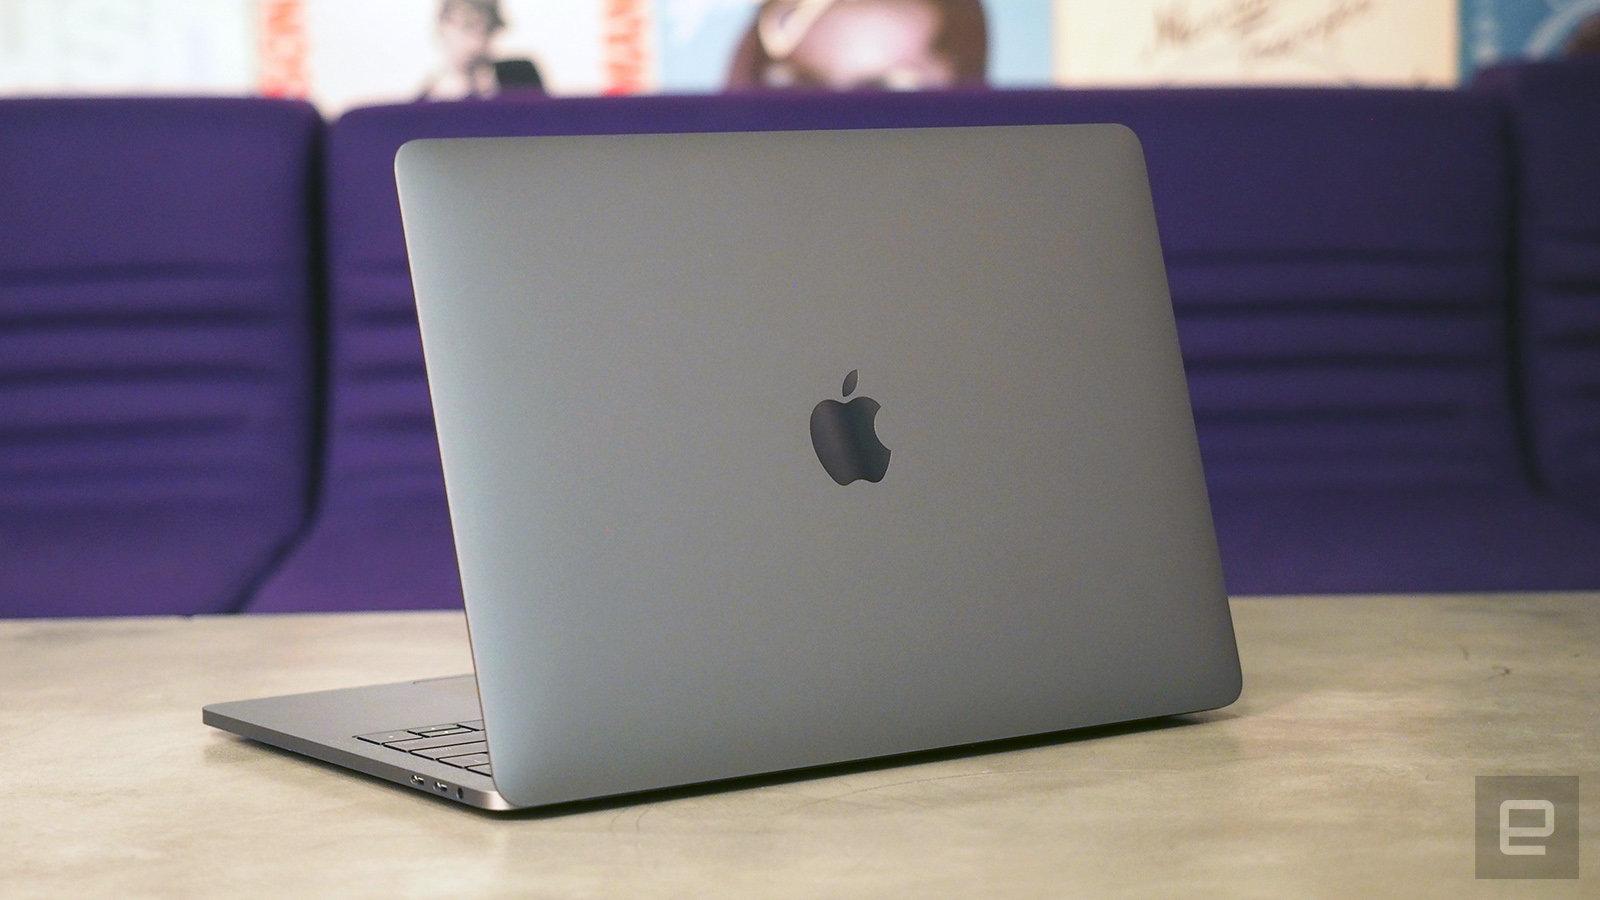 Apple reemplazaría los chips Intel de sus Macs por uno propio en 2020